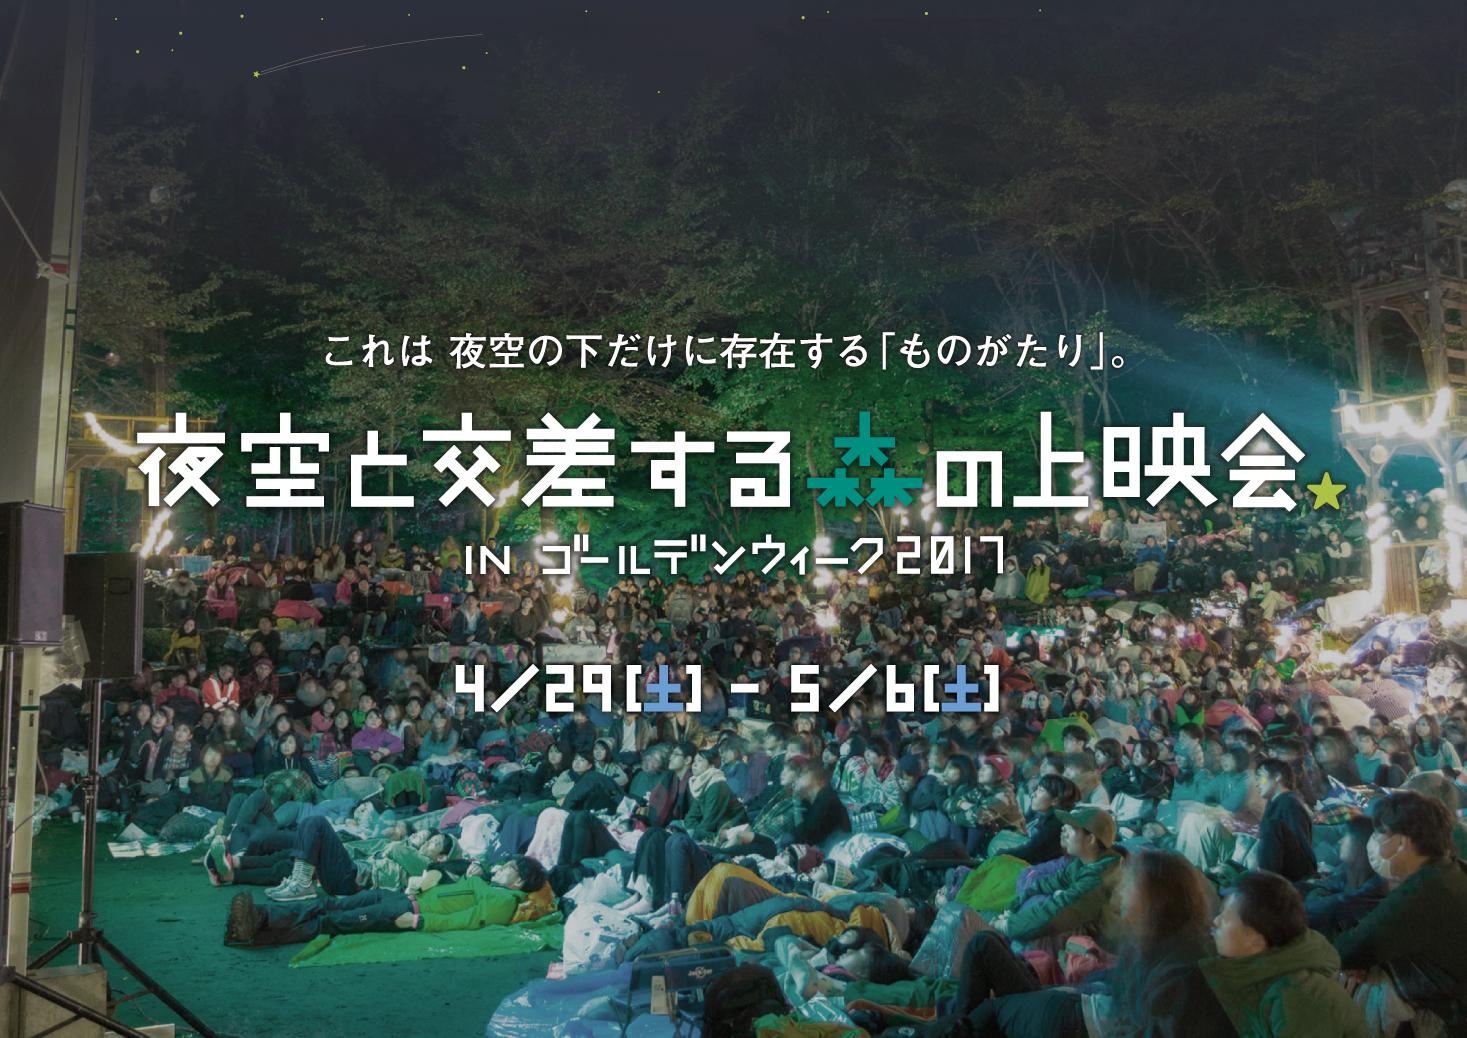 野外映画フェス「夜空と交差する森の映画祭」が、愛知県西尾市・佐久島にて開催決定 - img13